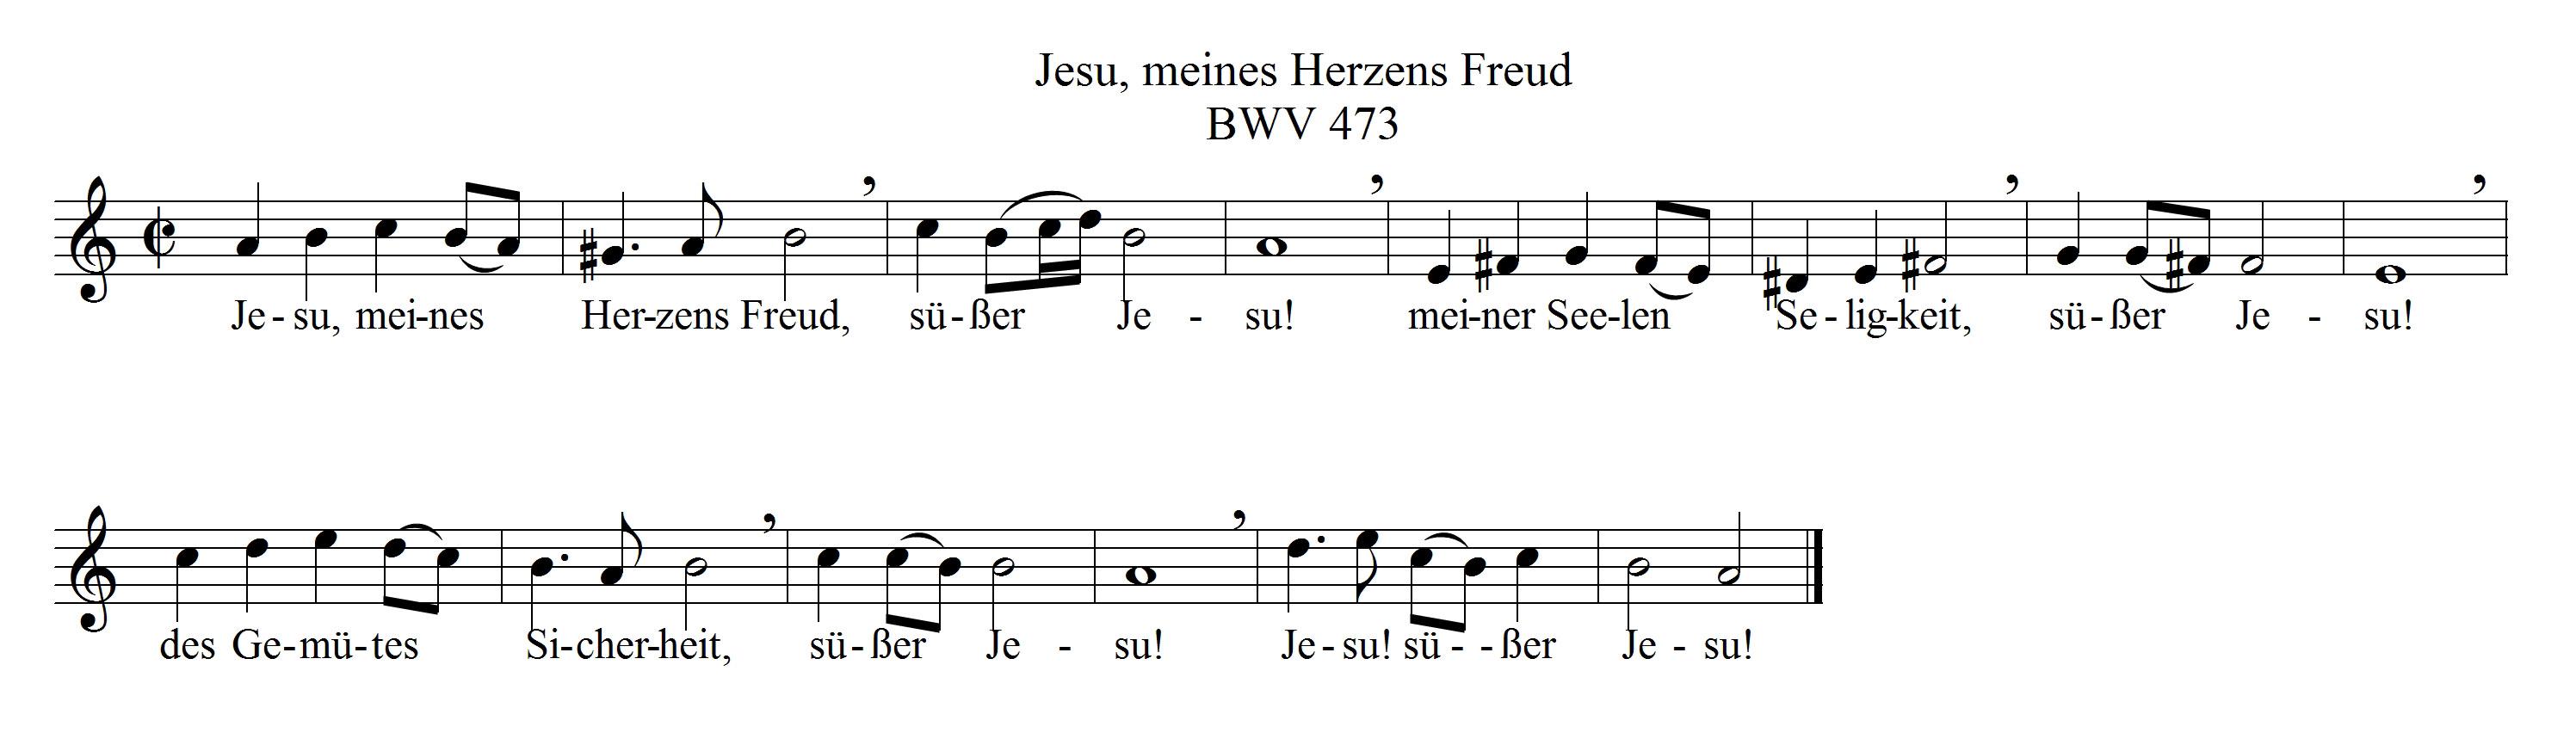 BWV473CMa Jesu meine herzens freud